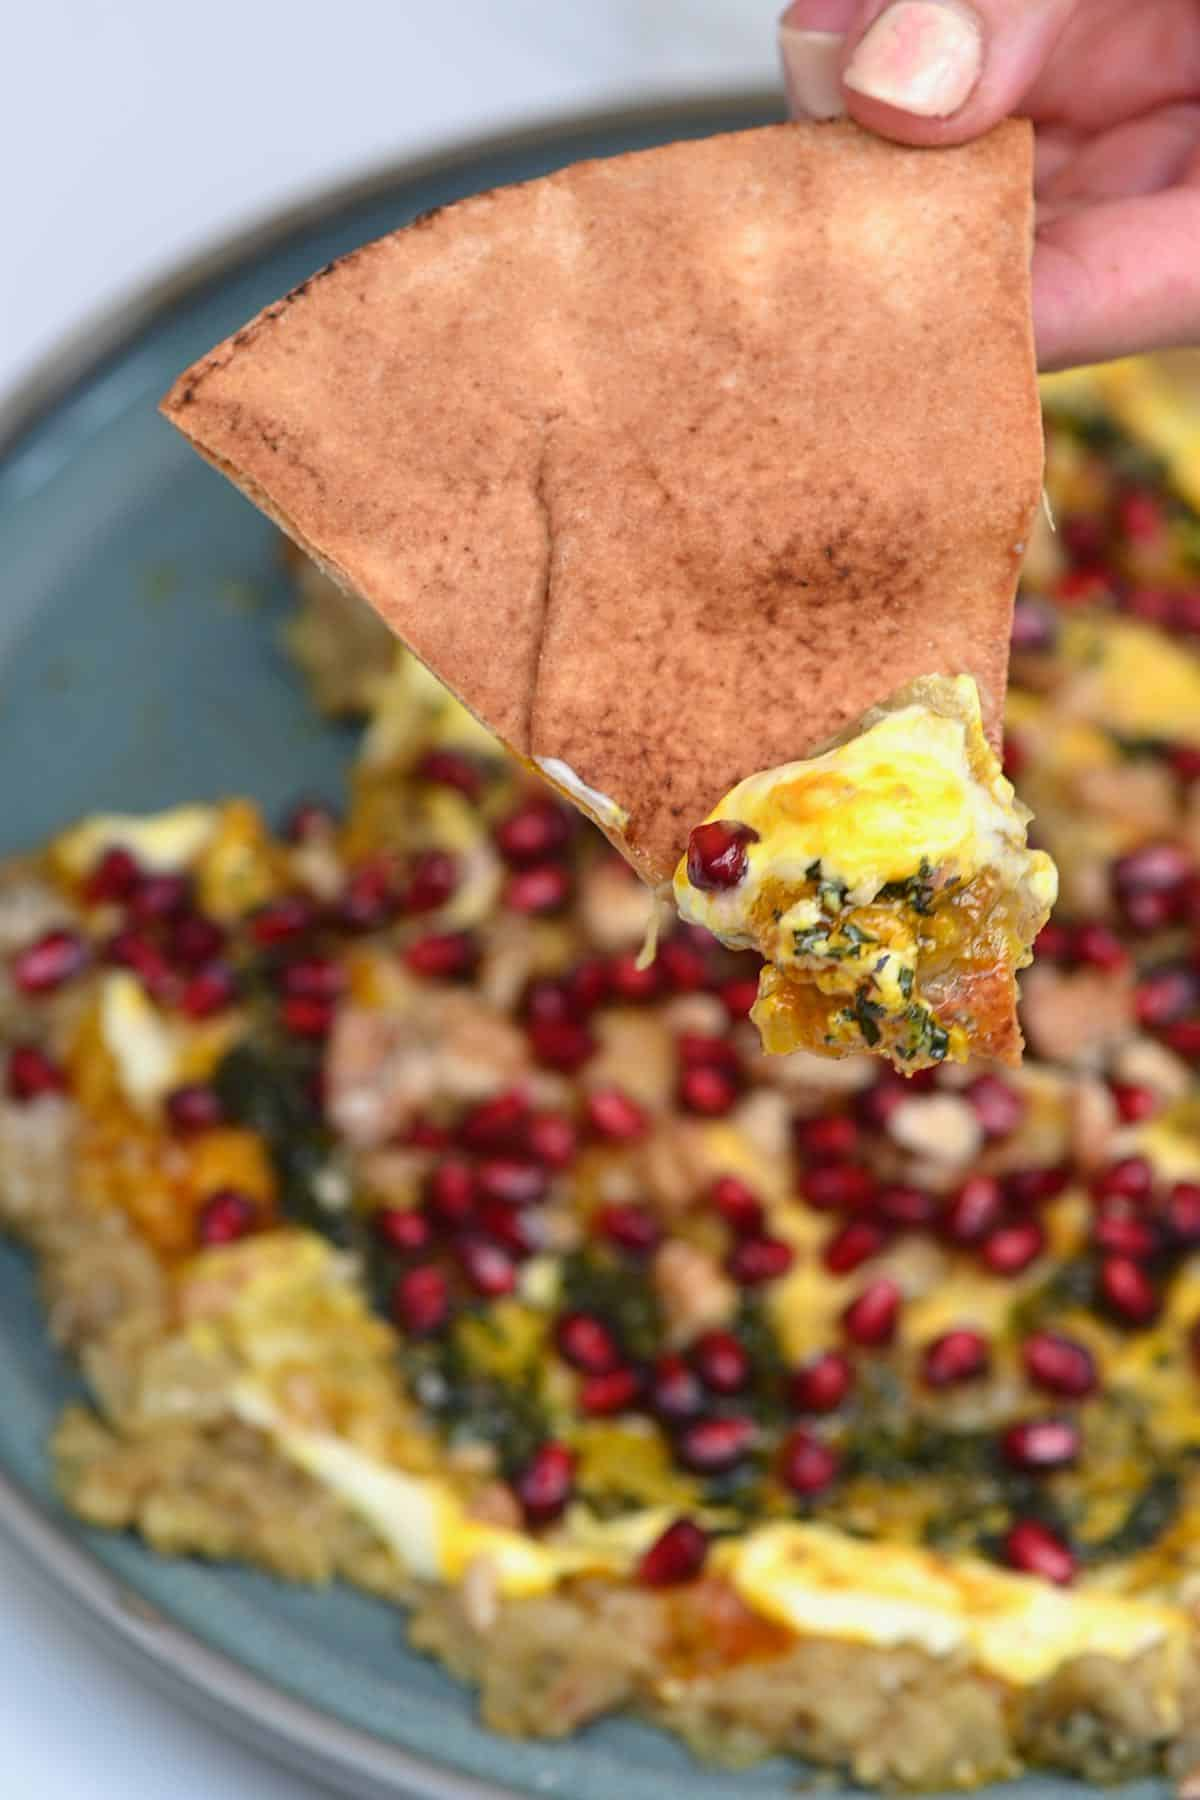 Scooping Kashke bademjan with pita bread